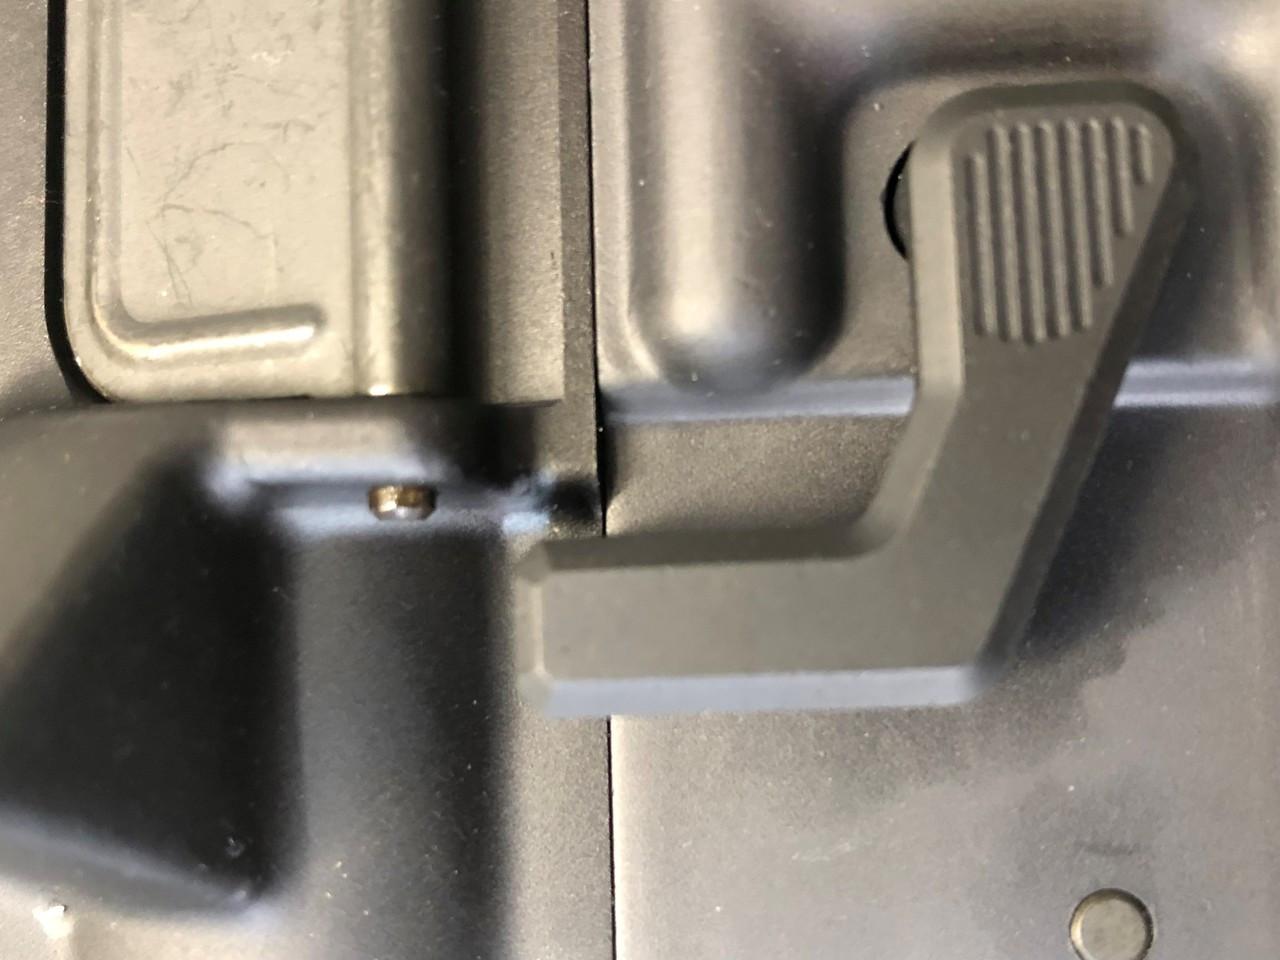 Barrett REC7 DI CALIFORNIA LEGAL - .223/5.56 - Tungsten Gray